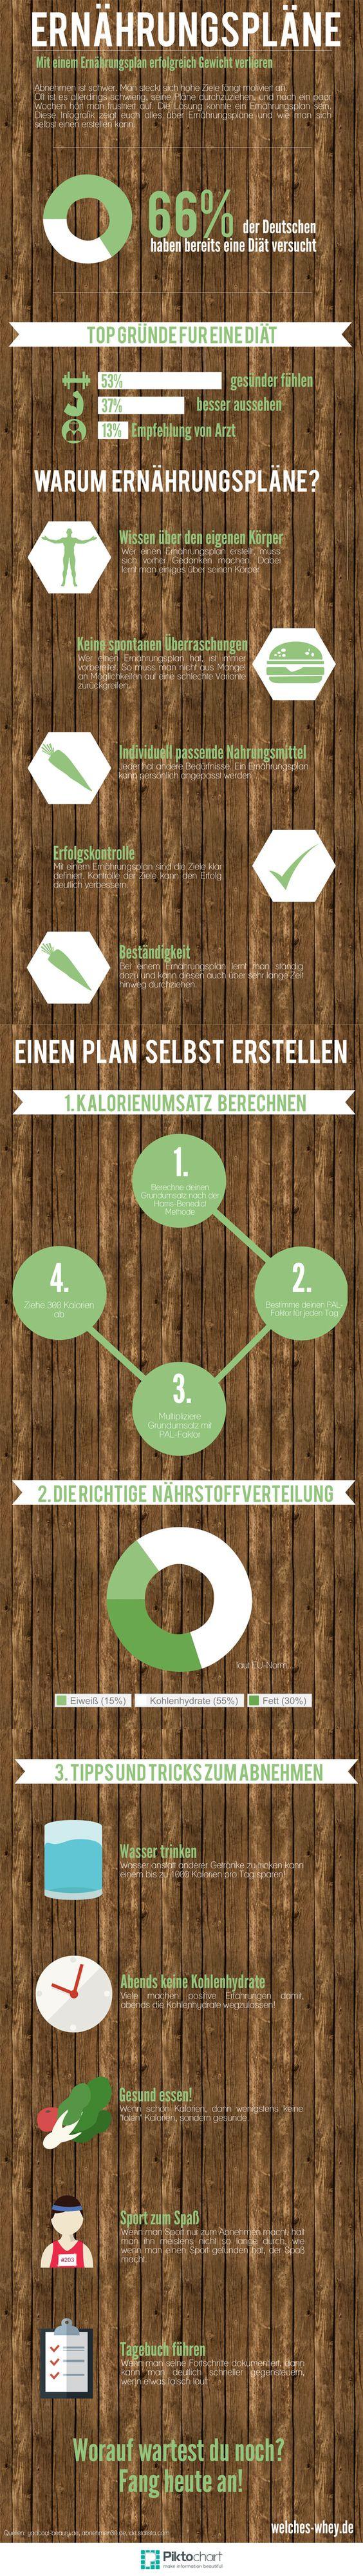 Alles über Ernährungspläne... Die beste Infografik mit allen Schritten zum selbst erstellen von Plänen...